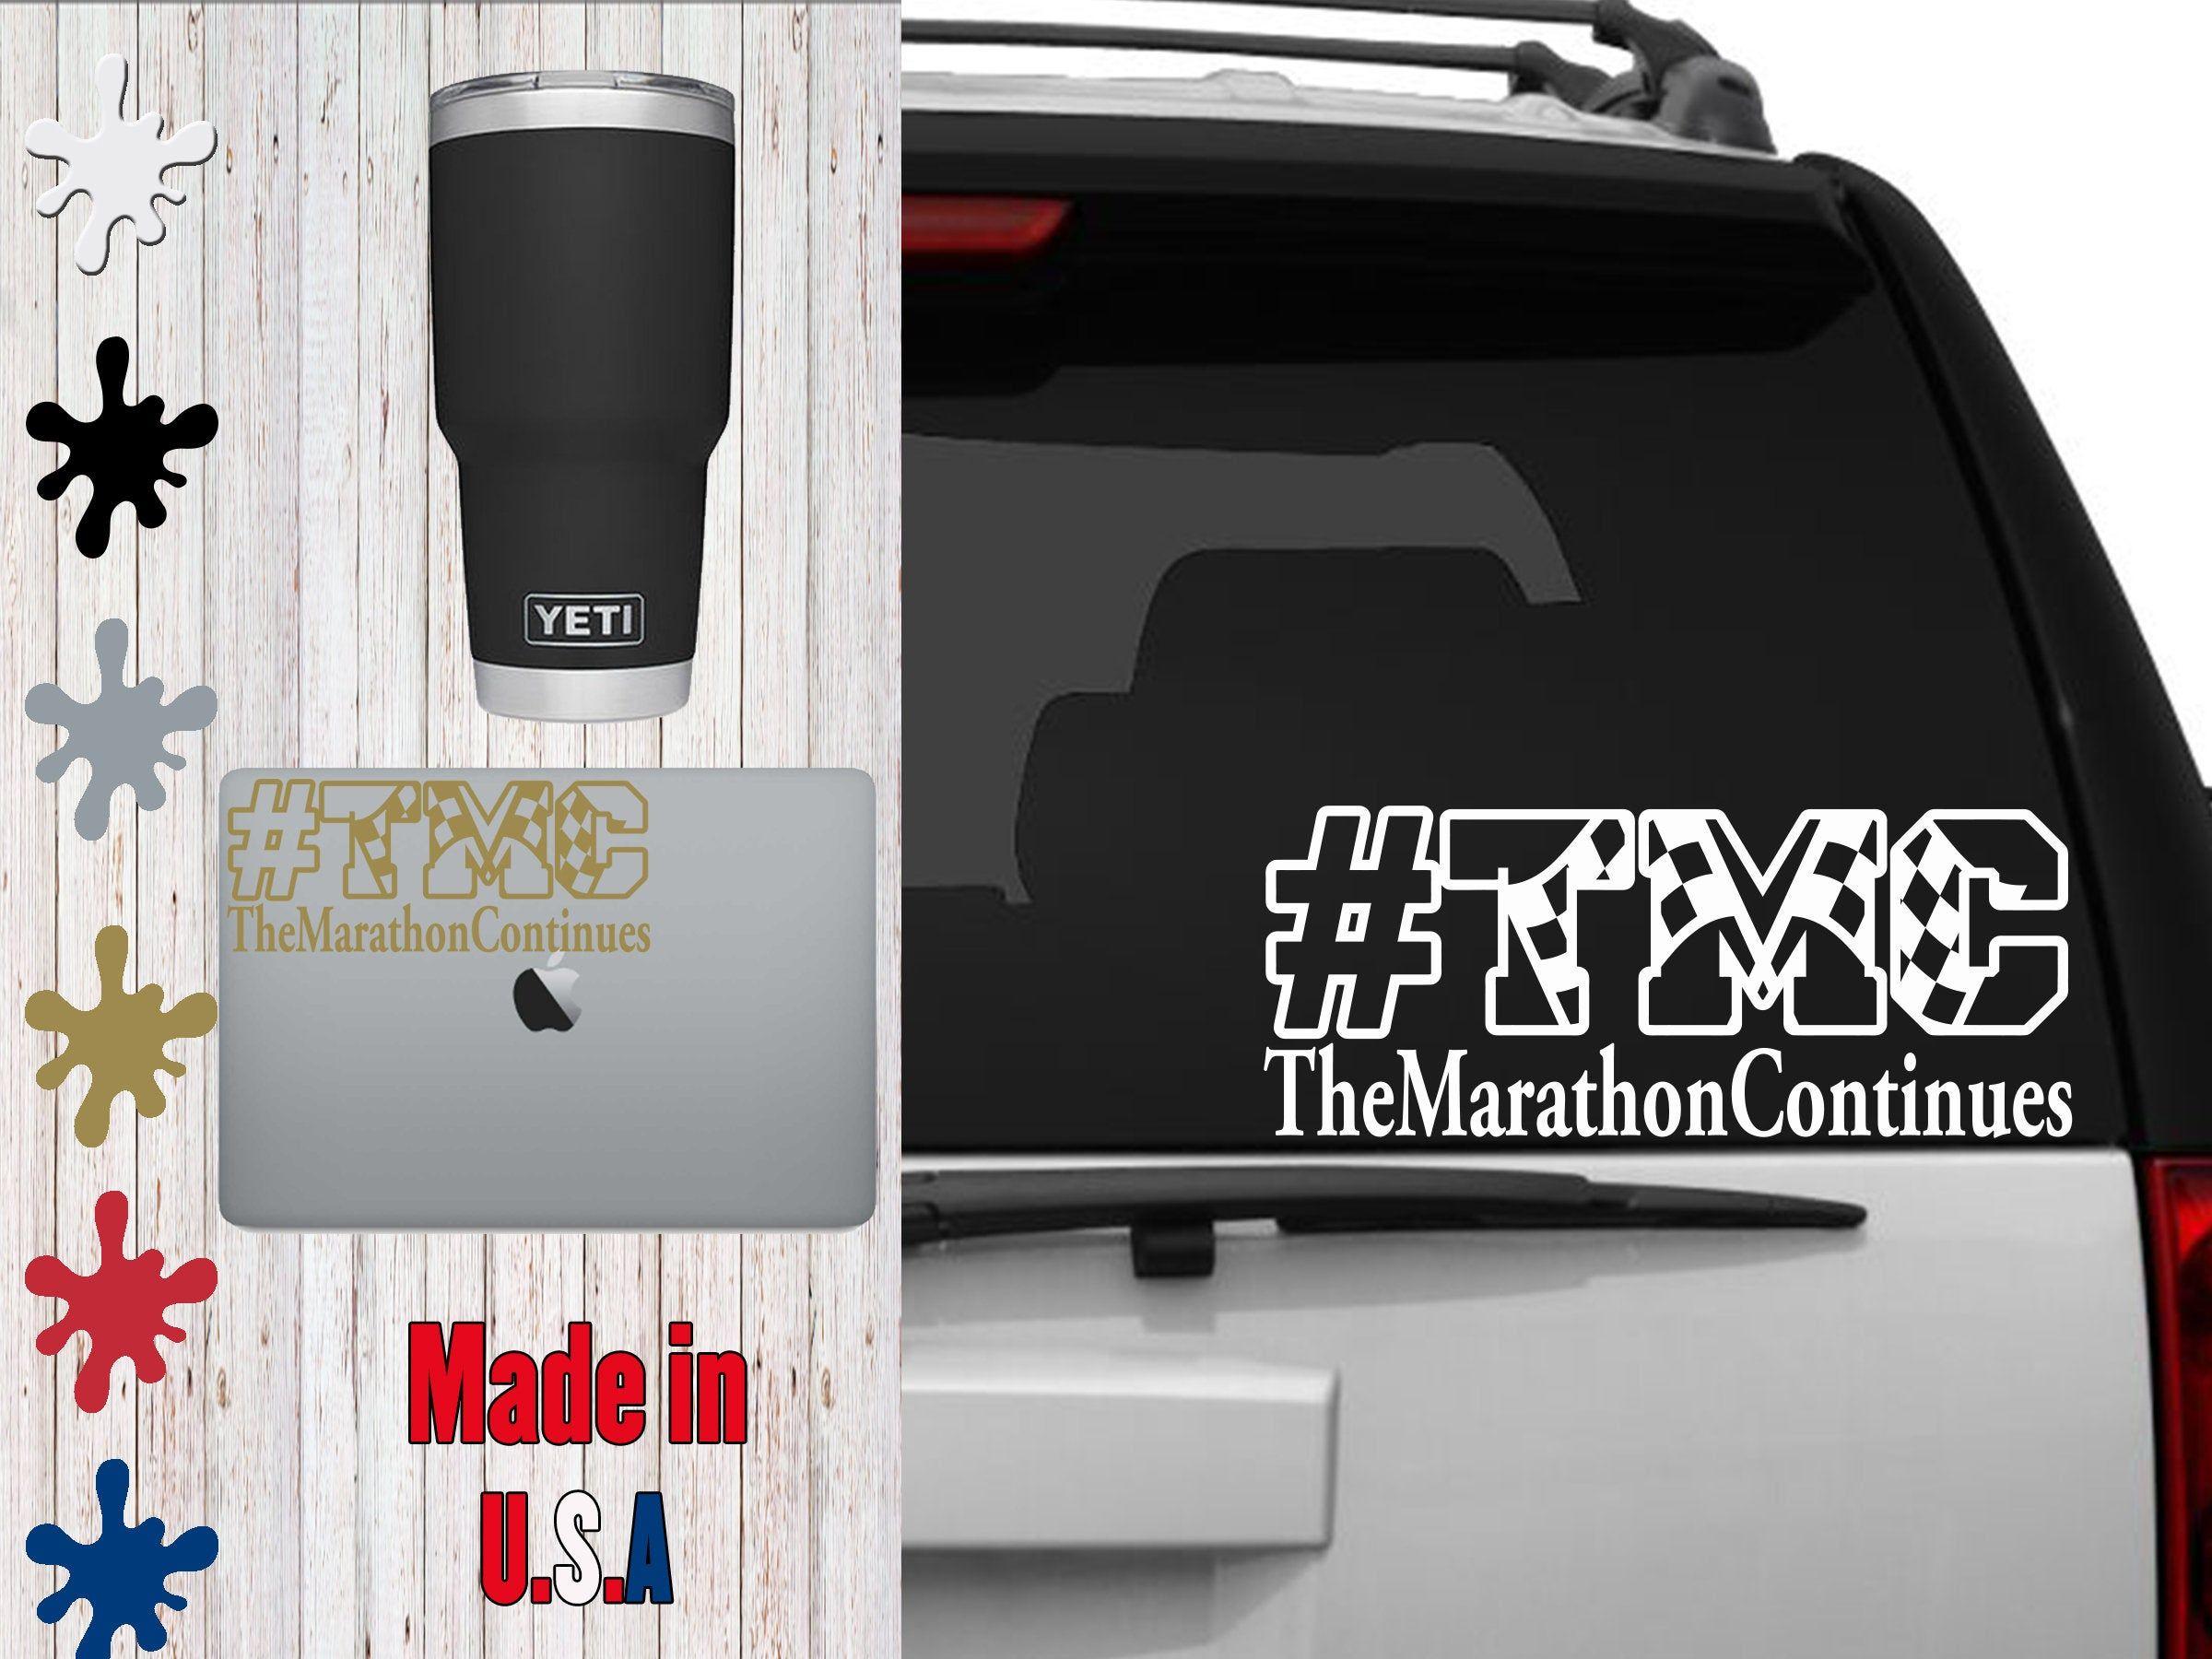 Tmc The Marathon Continues Tmc Car Decal Laptop Decal Mug Decal Tumbler Decal Cup Decal Phone Decal By Veiledtrove On Phone Decals Cup Decal Tumbler Decal [ 1800 x 2400 Pixel ]